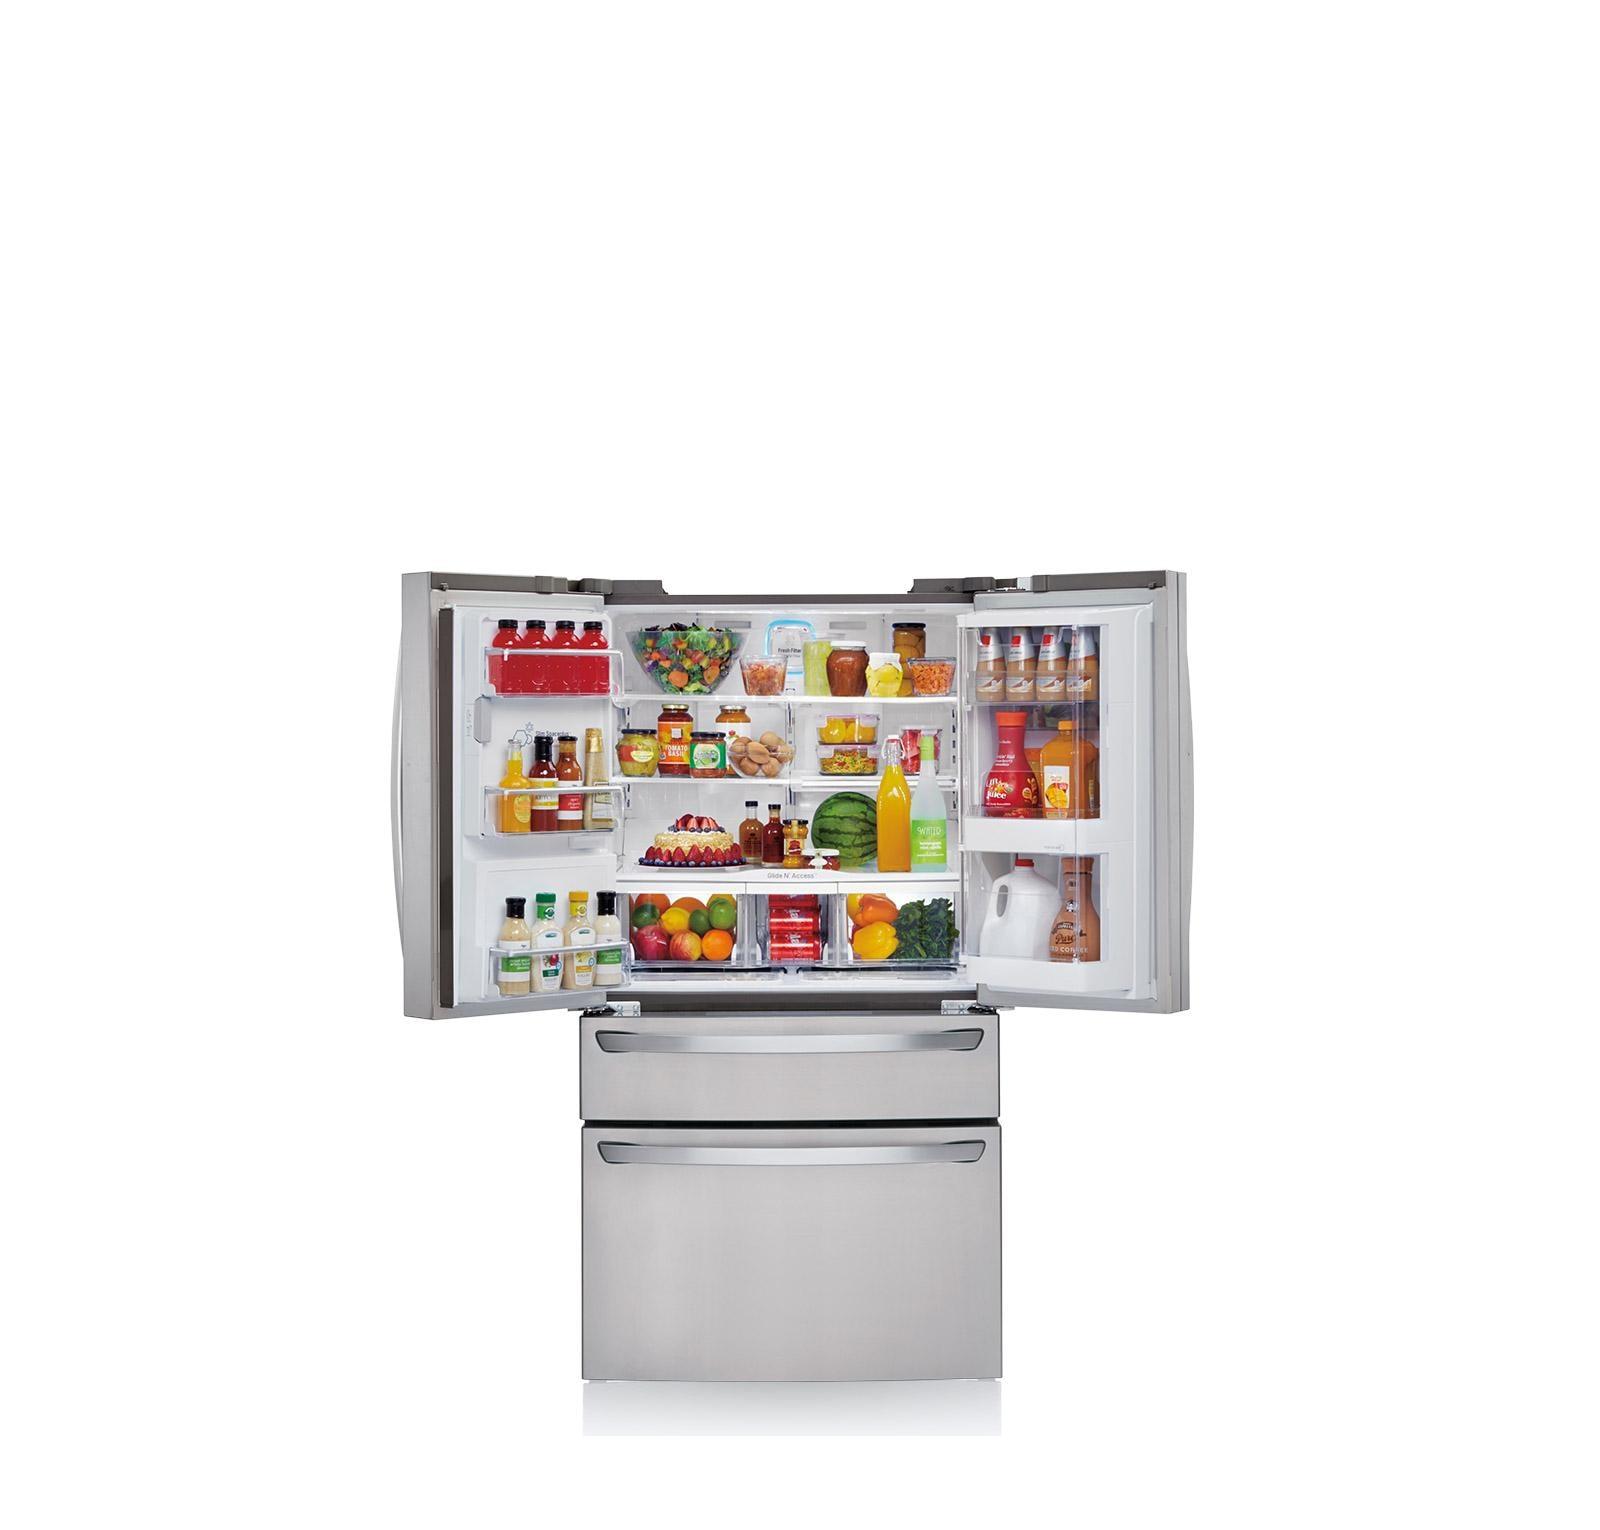 Lg Lmxs30776s 4 Door French Door Refrigerator With